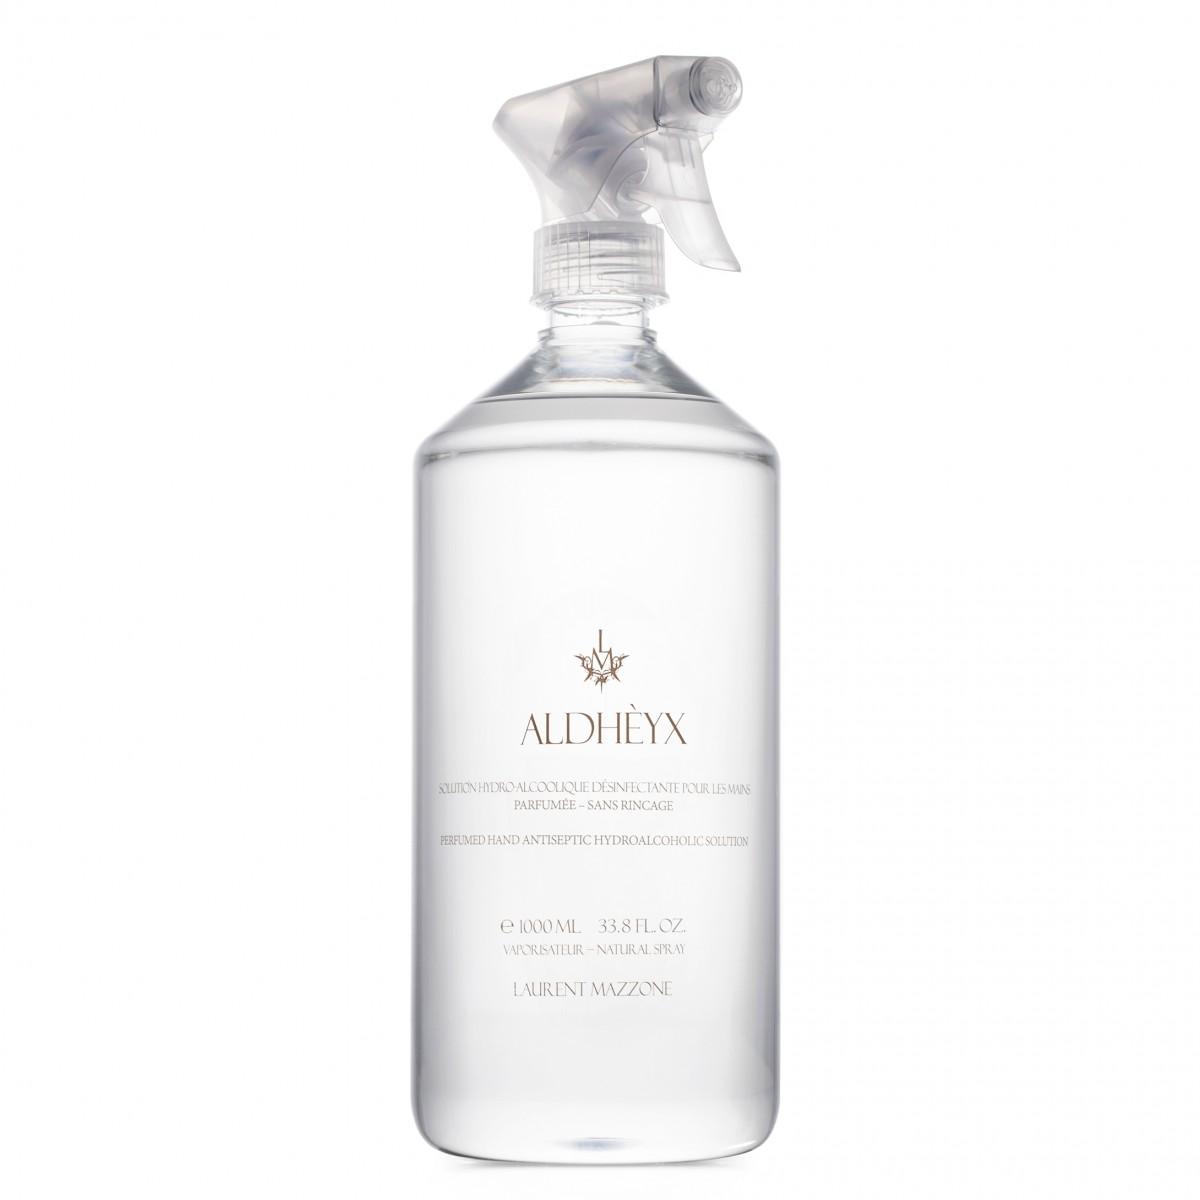 ALDHÈYX - LM Parfums